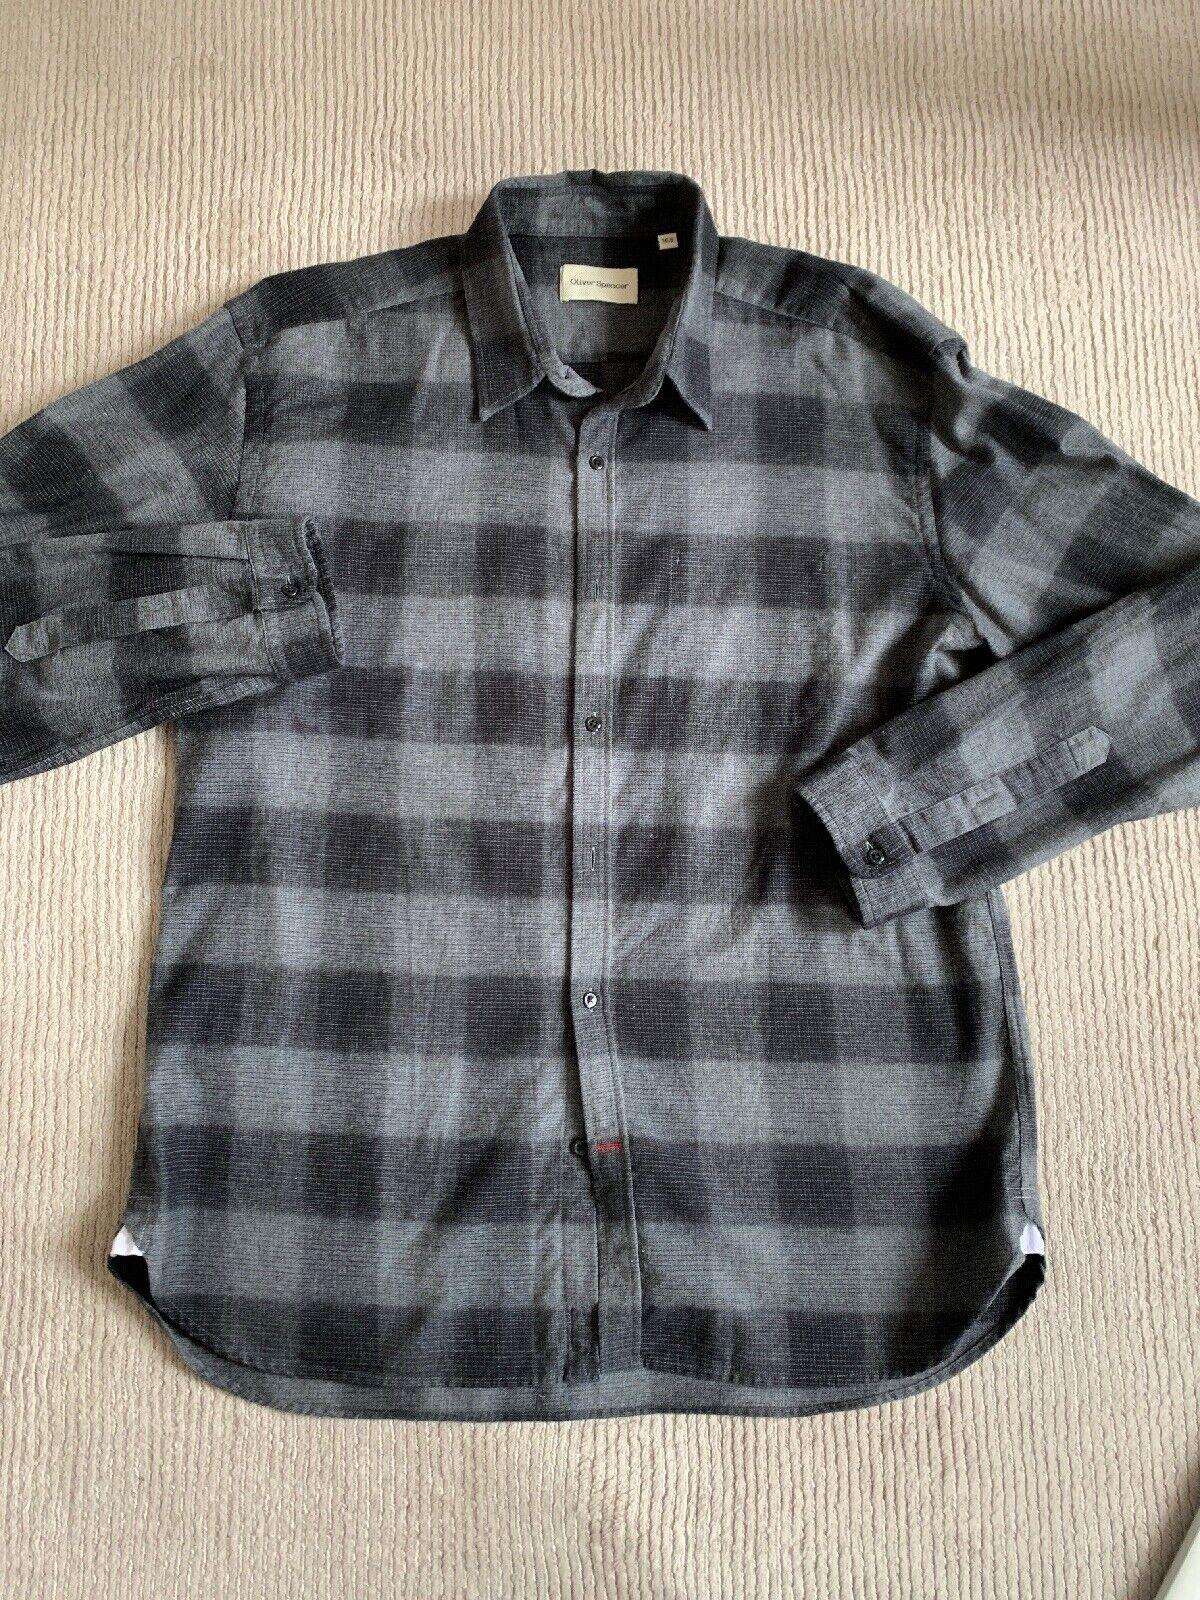 Oliver Spencer Mens Shirt 16.5